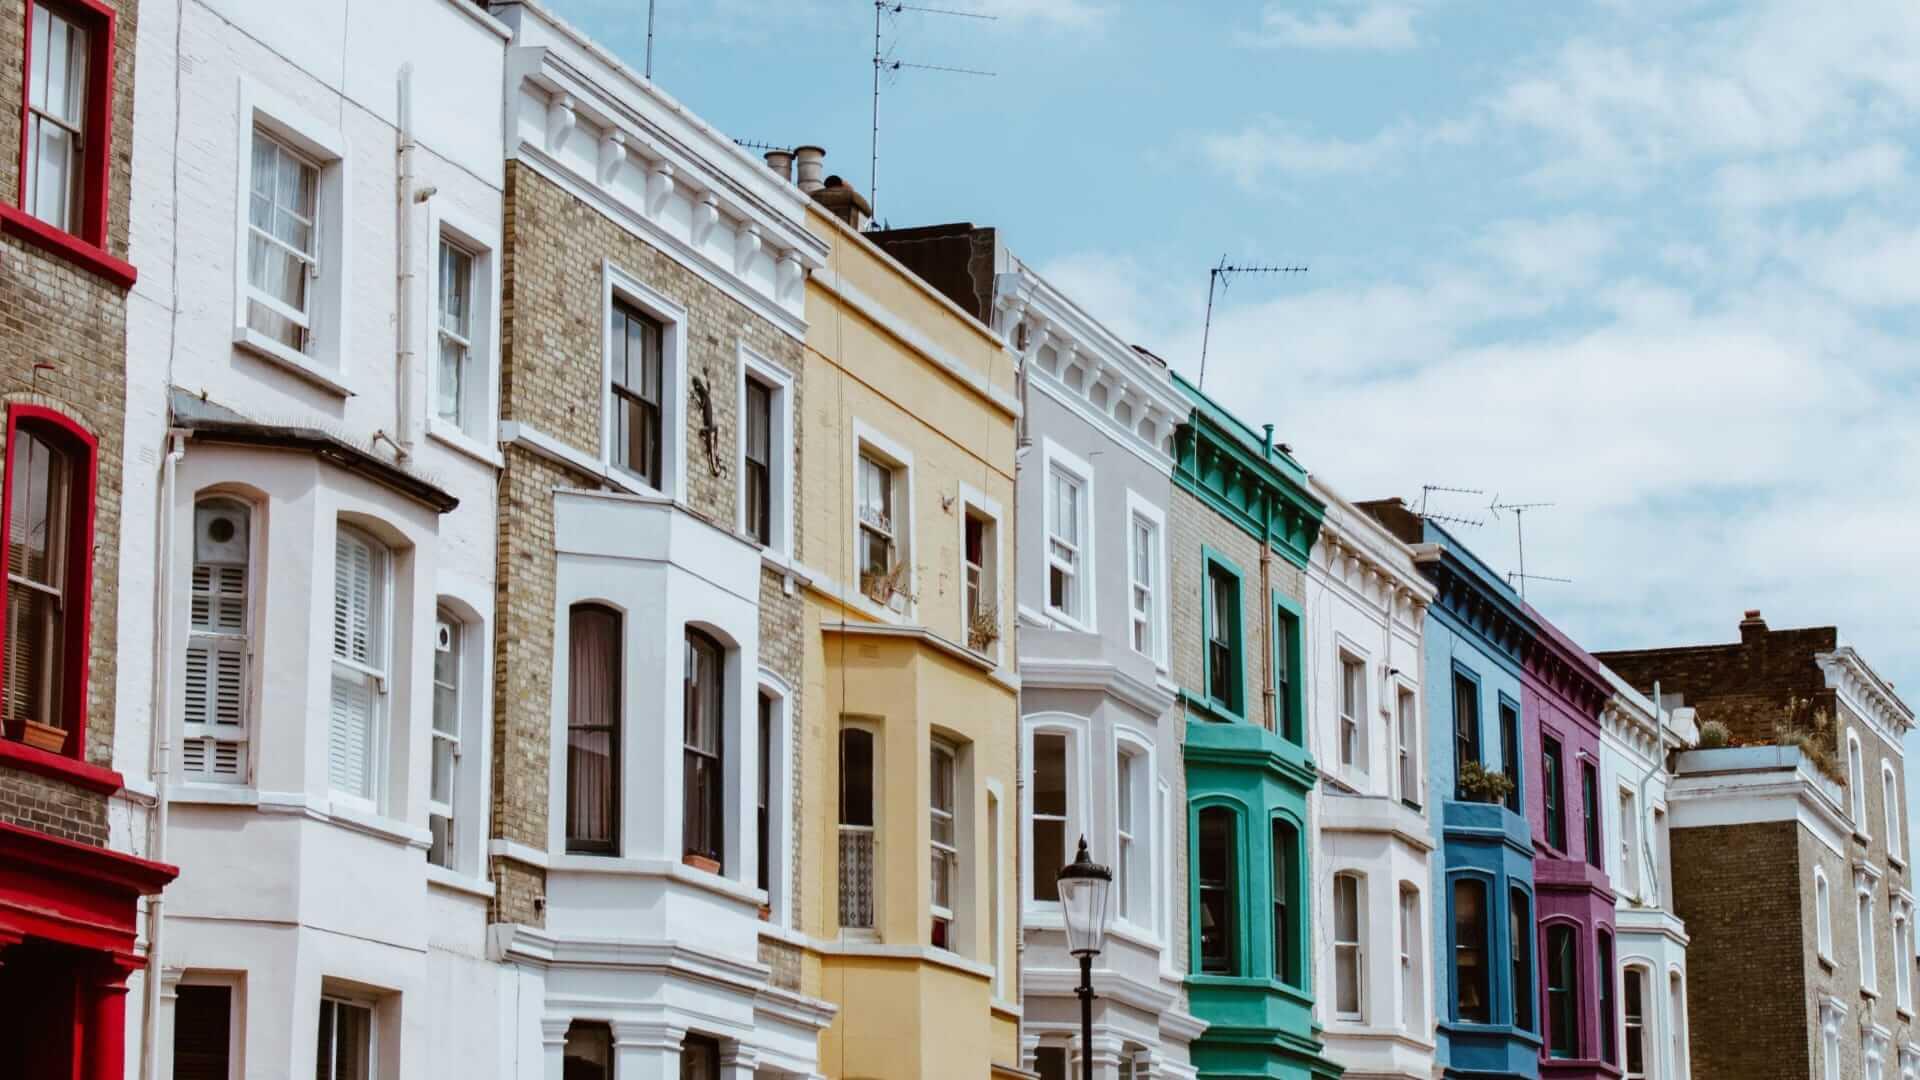 Verkopen, woning, immo, woonhuis, kostprijs, immomakelaar, notaris, vastgoedmakelaar, zelf verkopen, vastgoed, huis, appartement